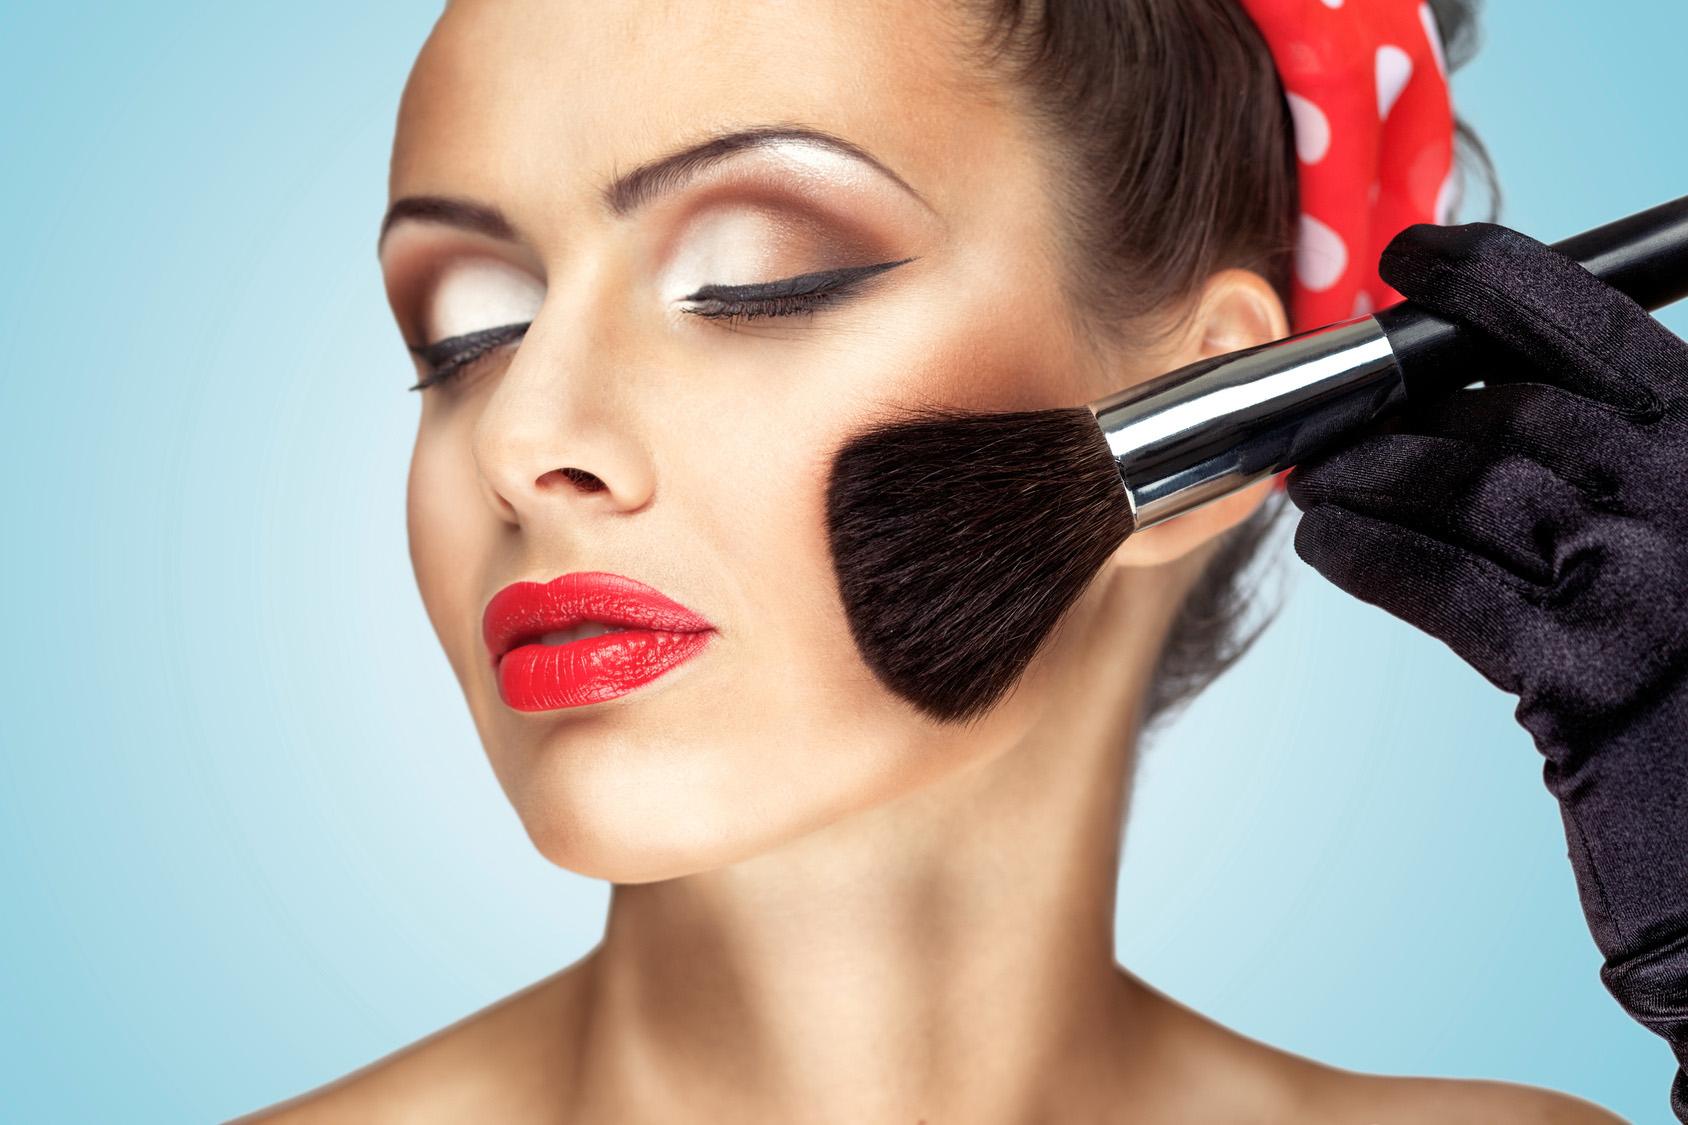 Сделать макияж и укладку